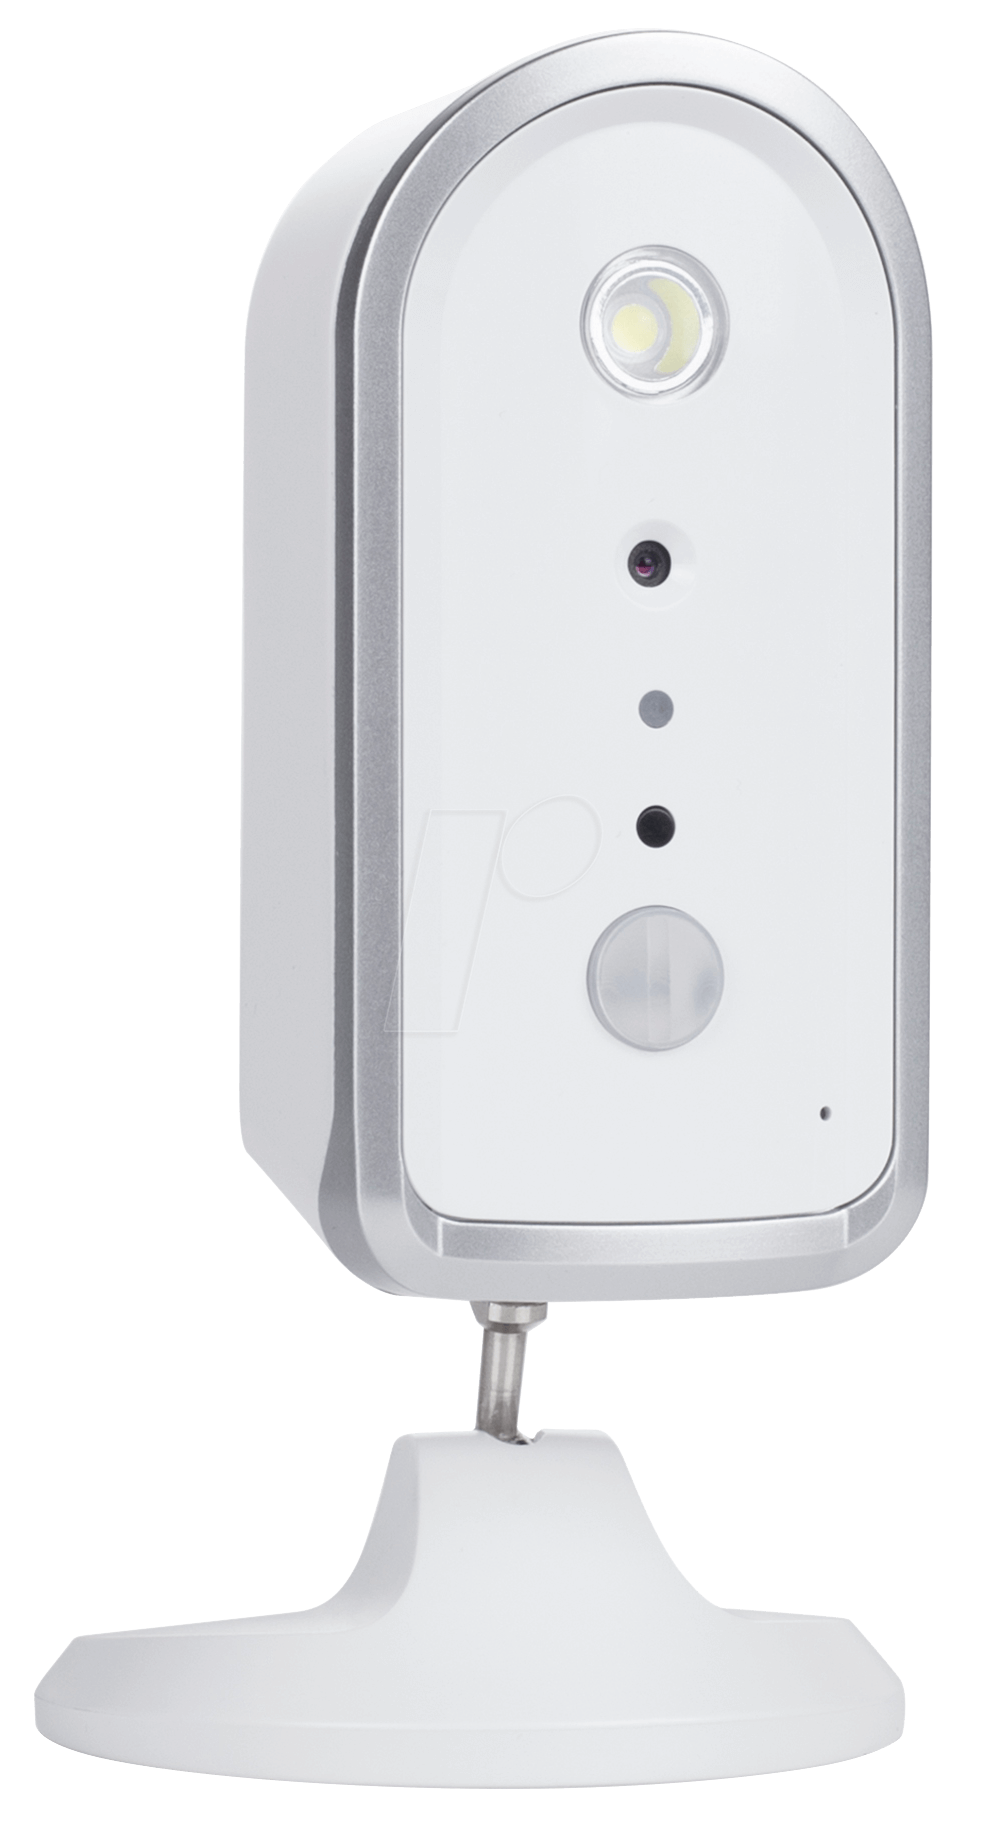 sw c731ip berwachungskamera ip wlan innen bei reichelt elektronik. Black Bedroom Furniture Sets. Home Design Ideas